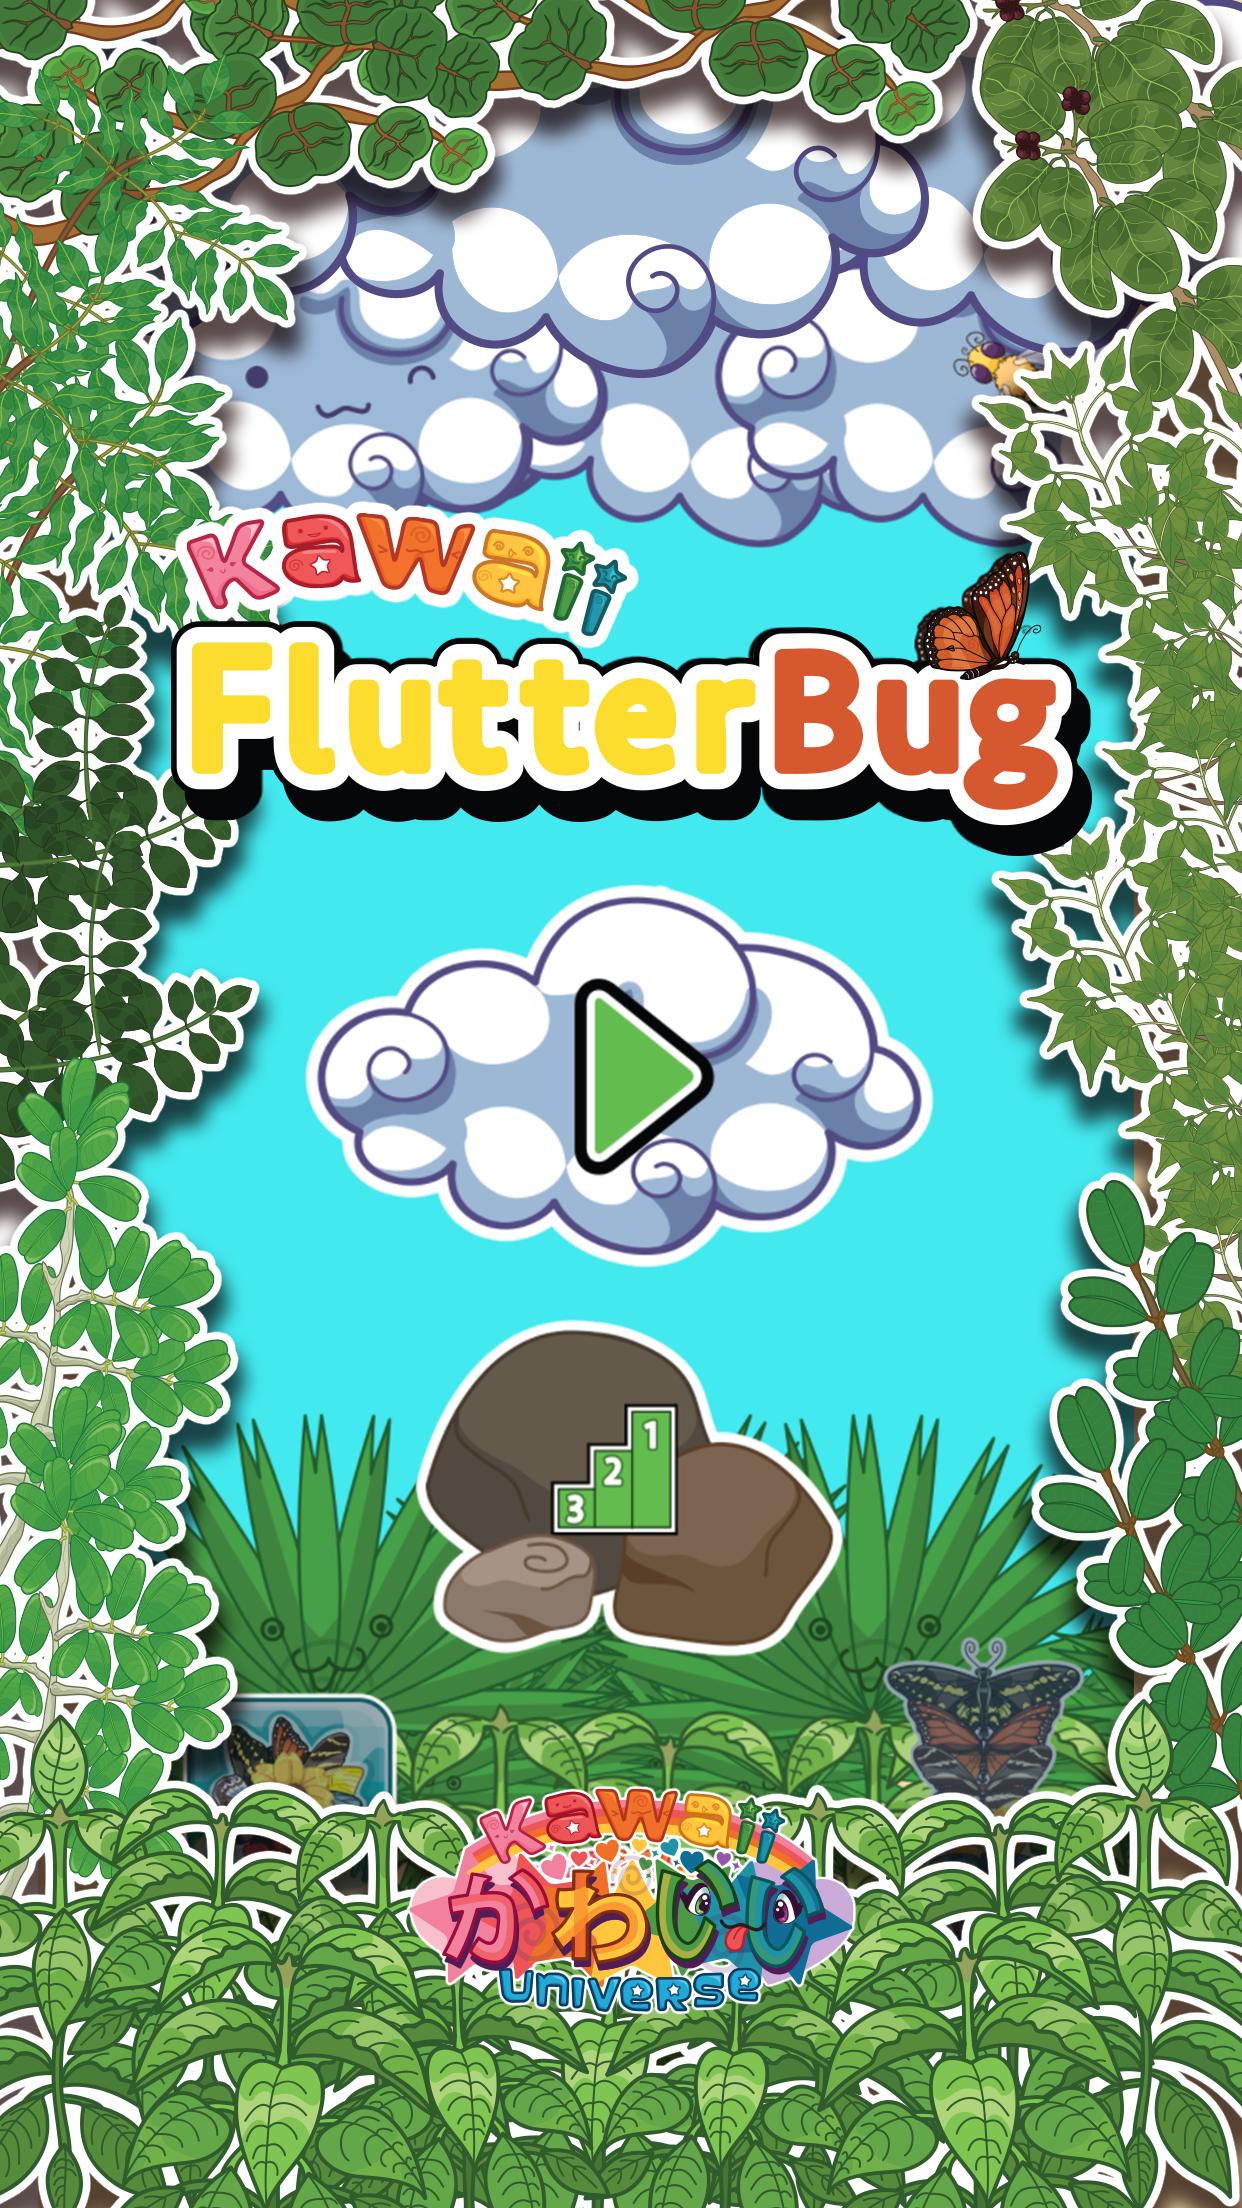 KU-kawaii-flutterBug-screenshot-iPhone-5-01.png